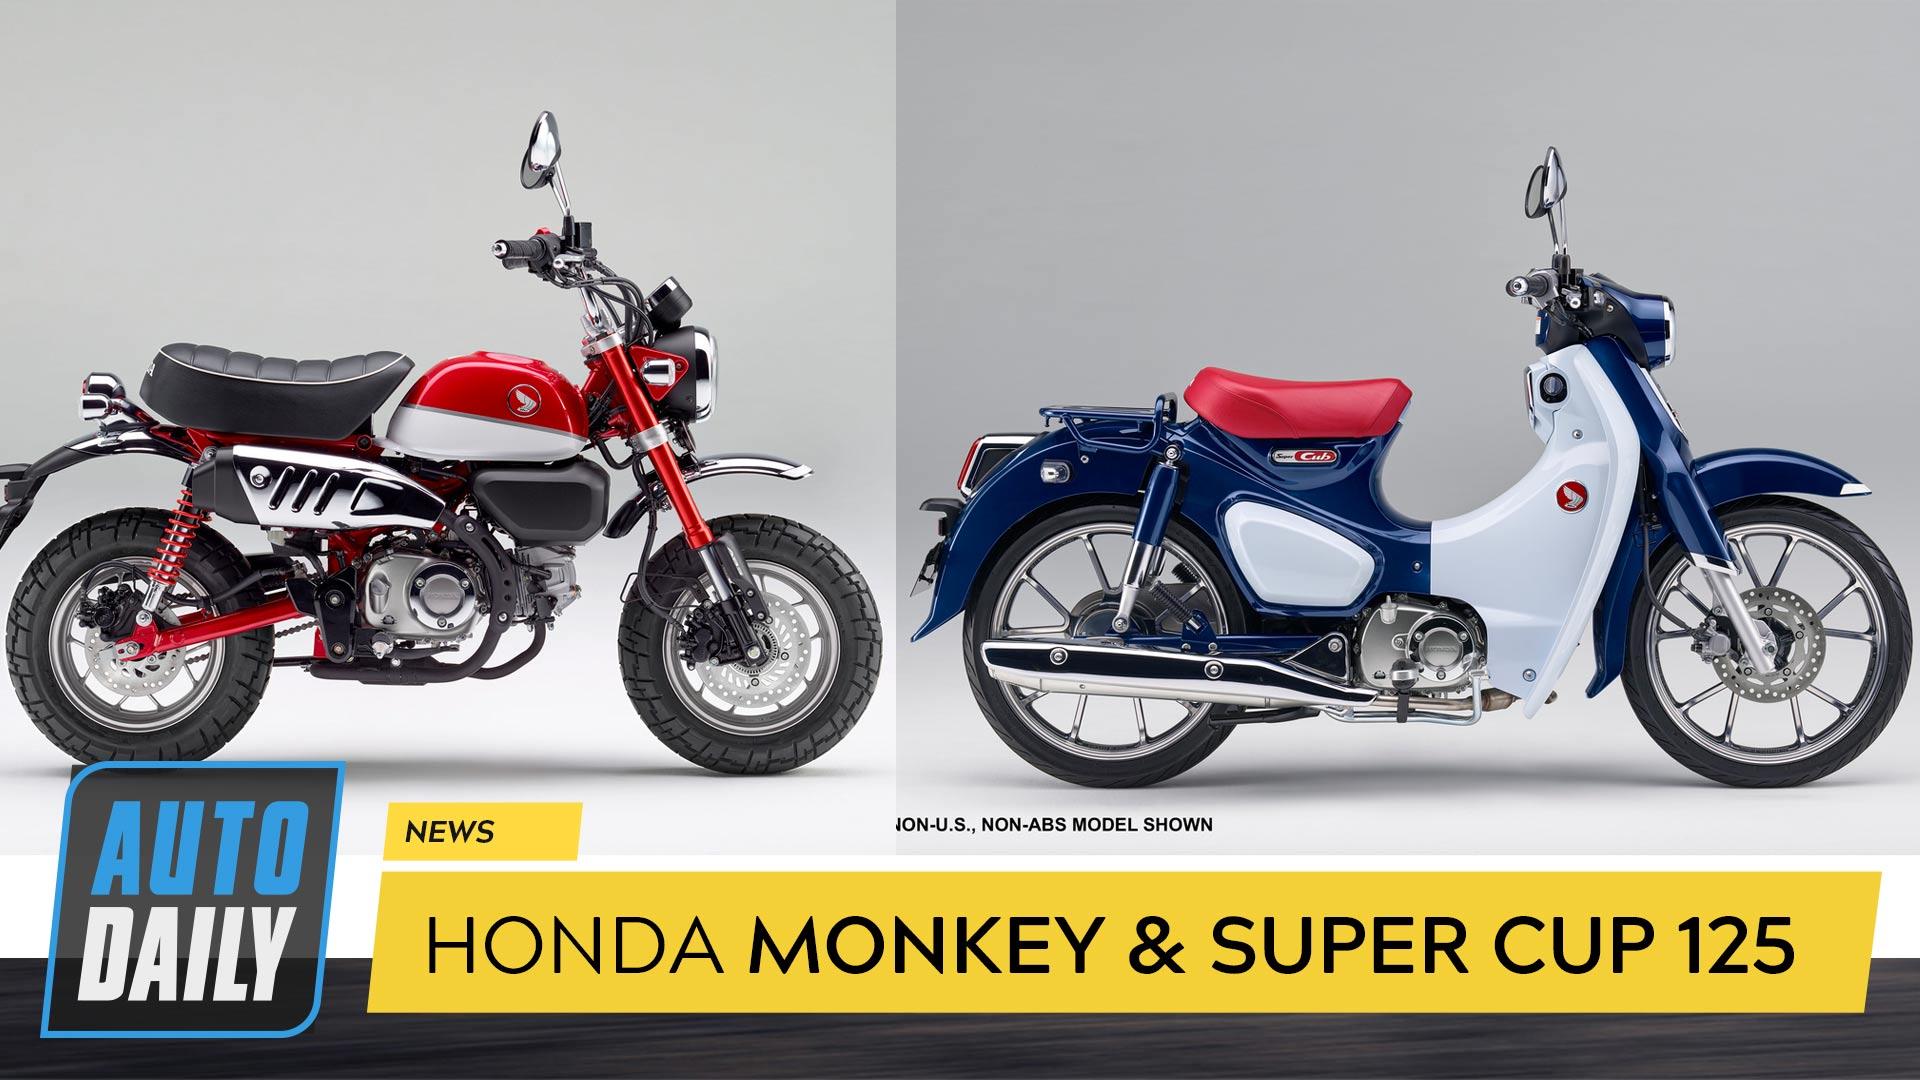 Honda Monkey 125 và Super Cub 125 chính hãng sắp ra mắt tại Việt Nam?